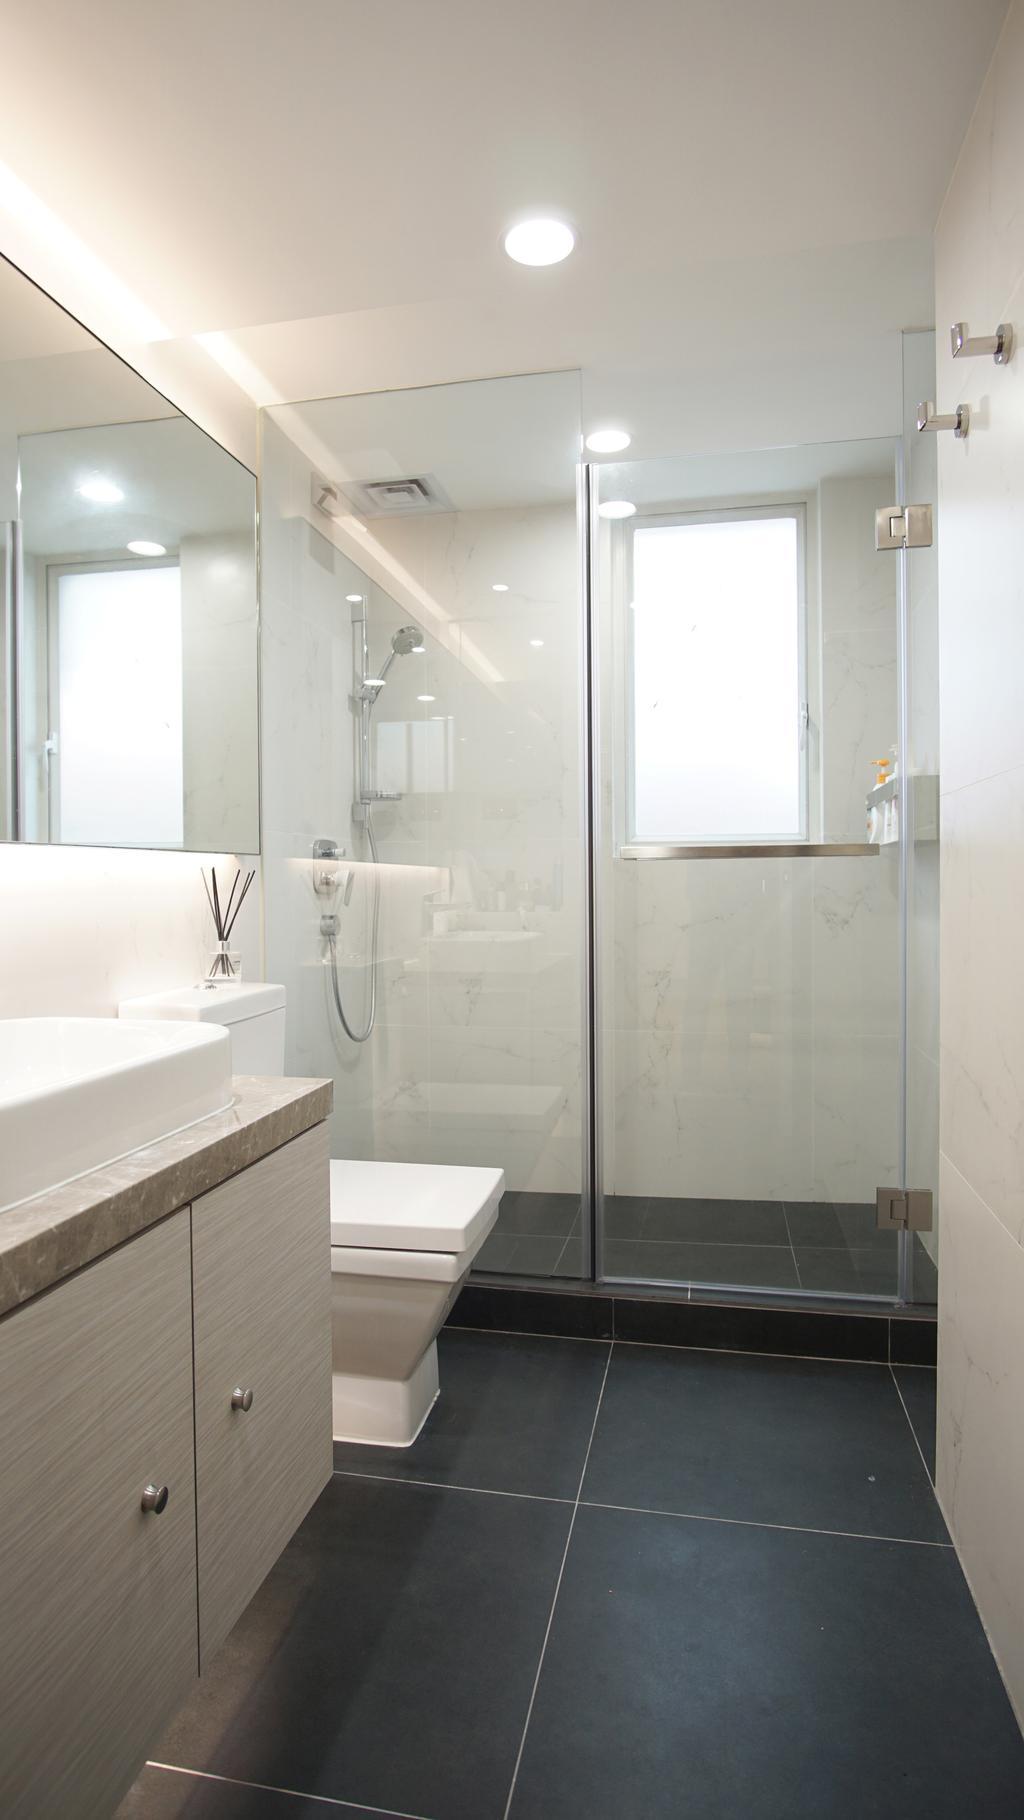 北歐, 獨立屋, 浴室, 比華利山別墅, 室內設計師, AQUA Projects